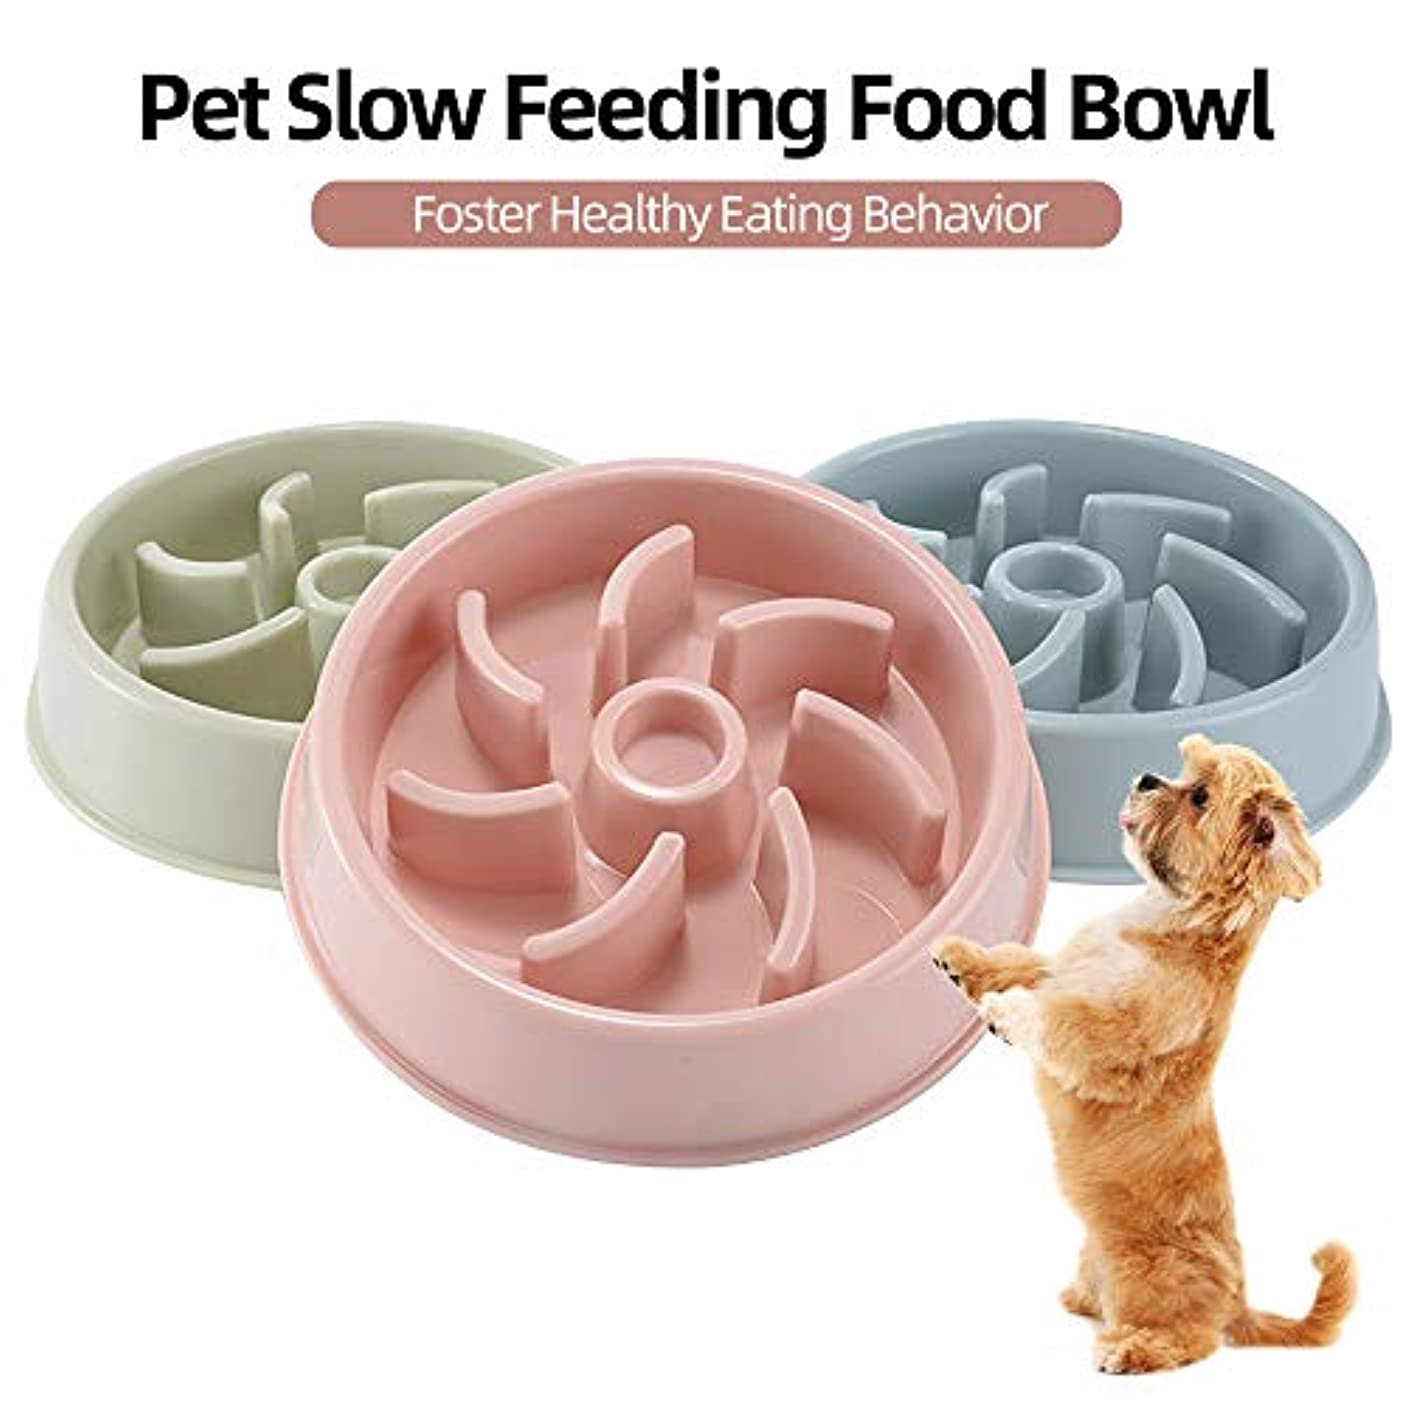 Galapara ペット用食器 早食い?食べ過ぎ?飲み込み防止 ペットボウル フードボウル ダイエット 犬?猫?うさぎ用食器